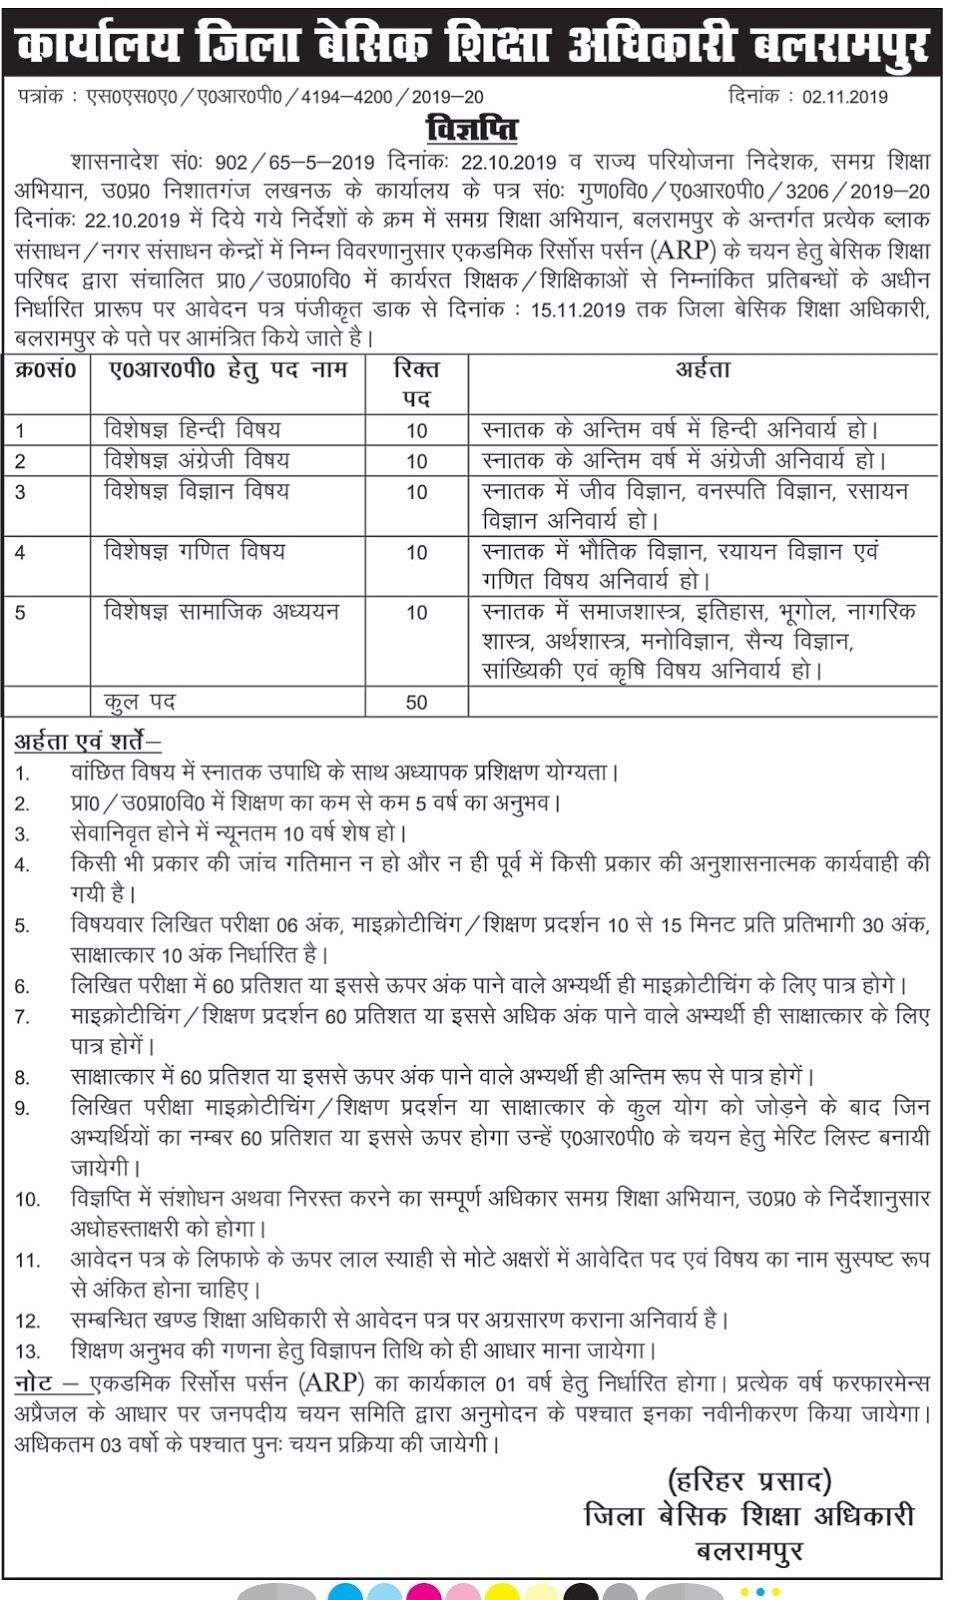 Balrampur: ARP पद के चयन के लिए विज्ञप्ति जारी